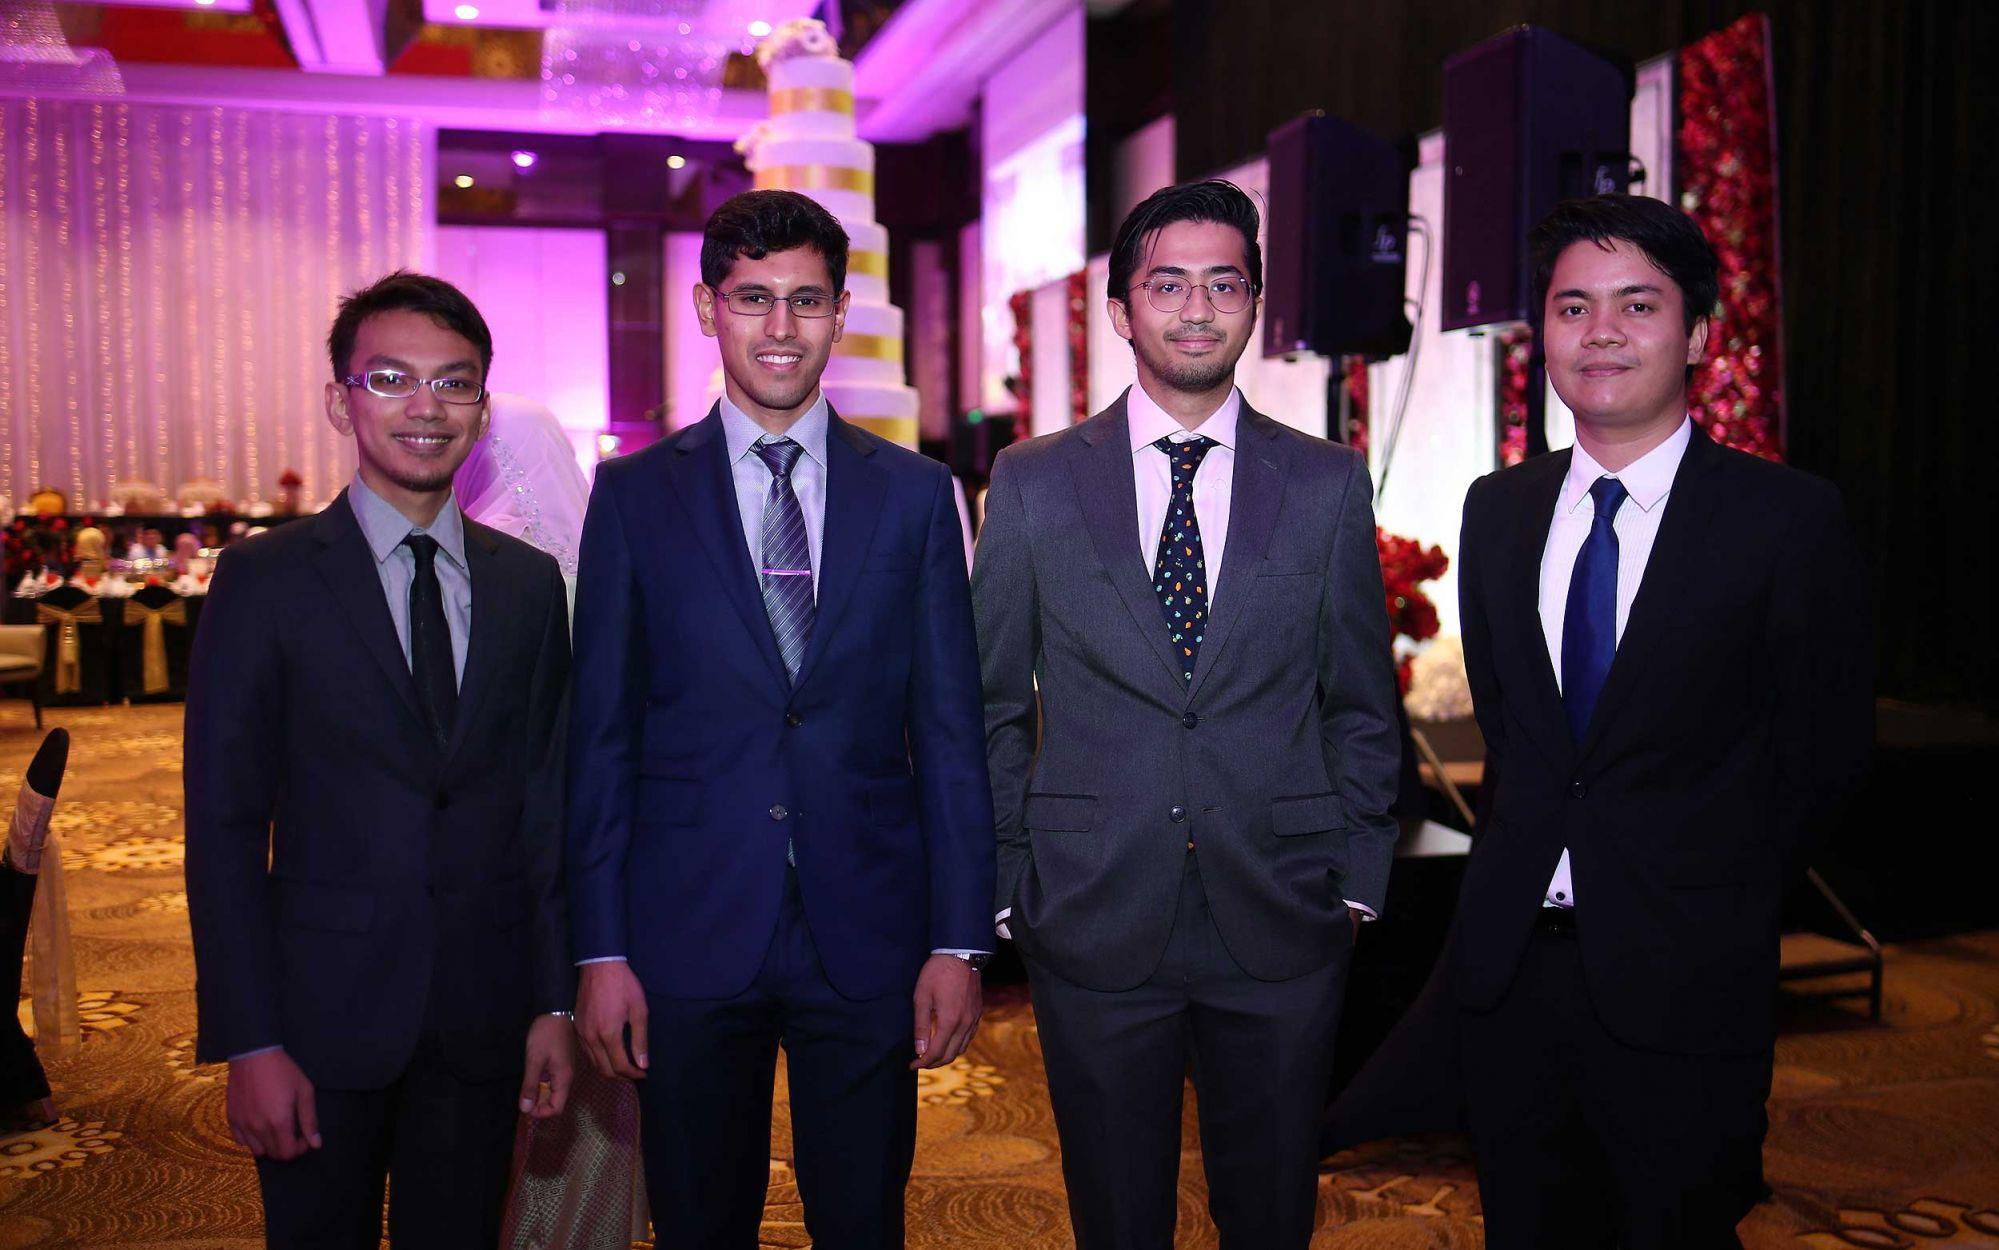 Tengku Mutalib, Syed Emir Irfan Wafa, Ahmad Shalique Ahmad Kamal and Ahmad Bashar